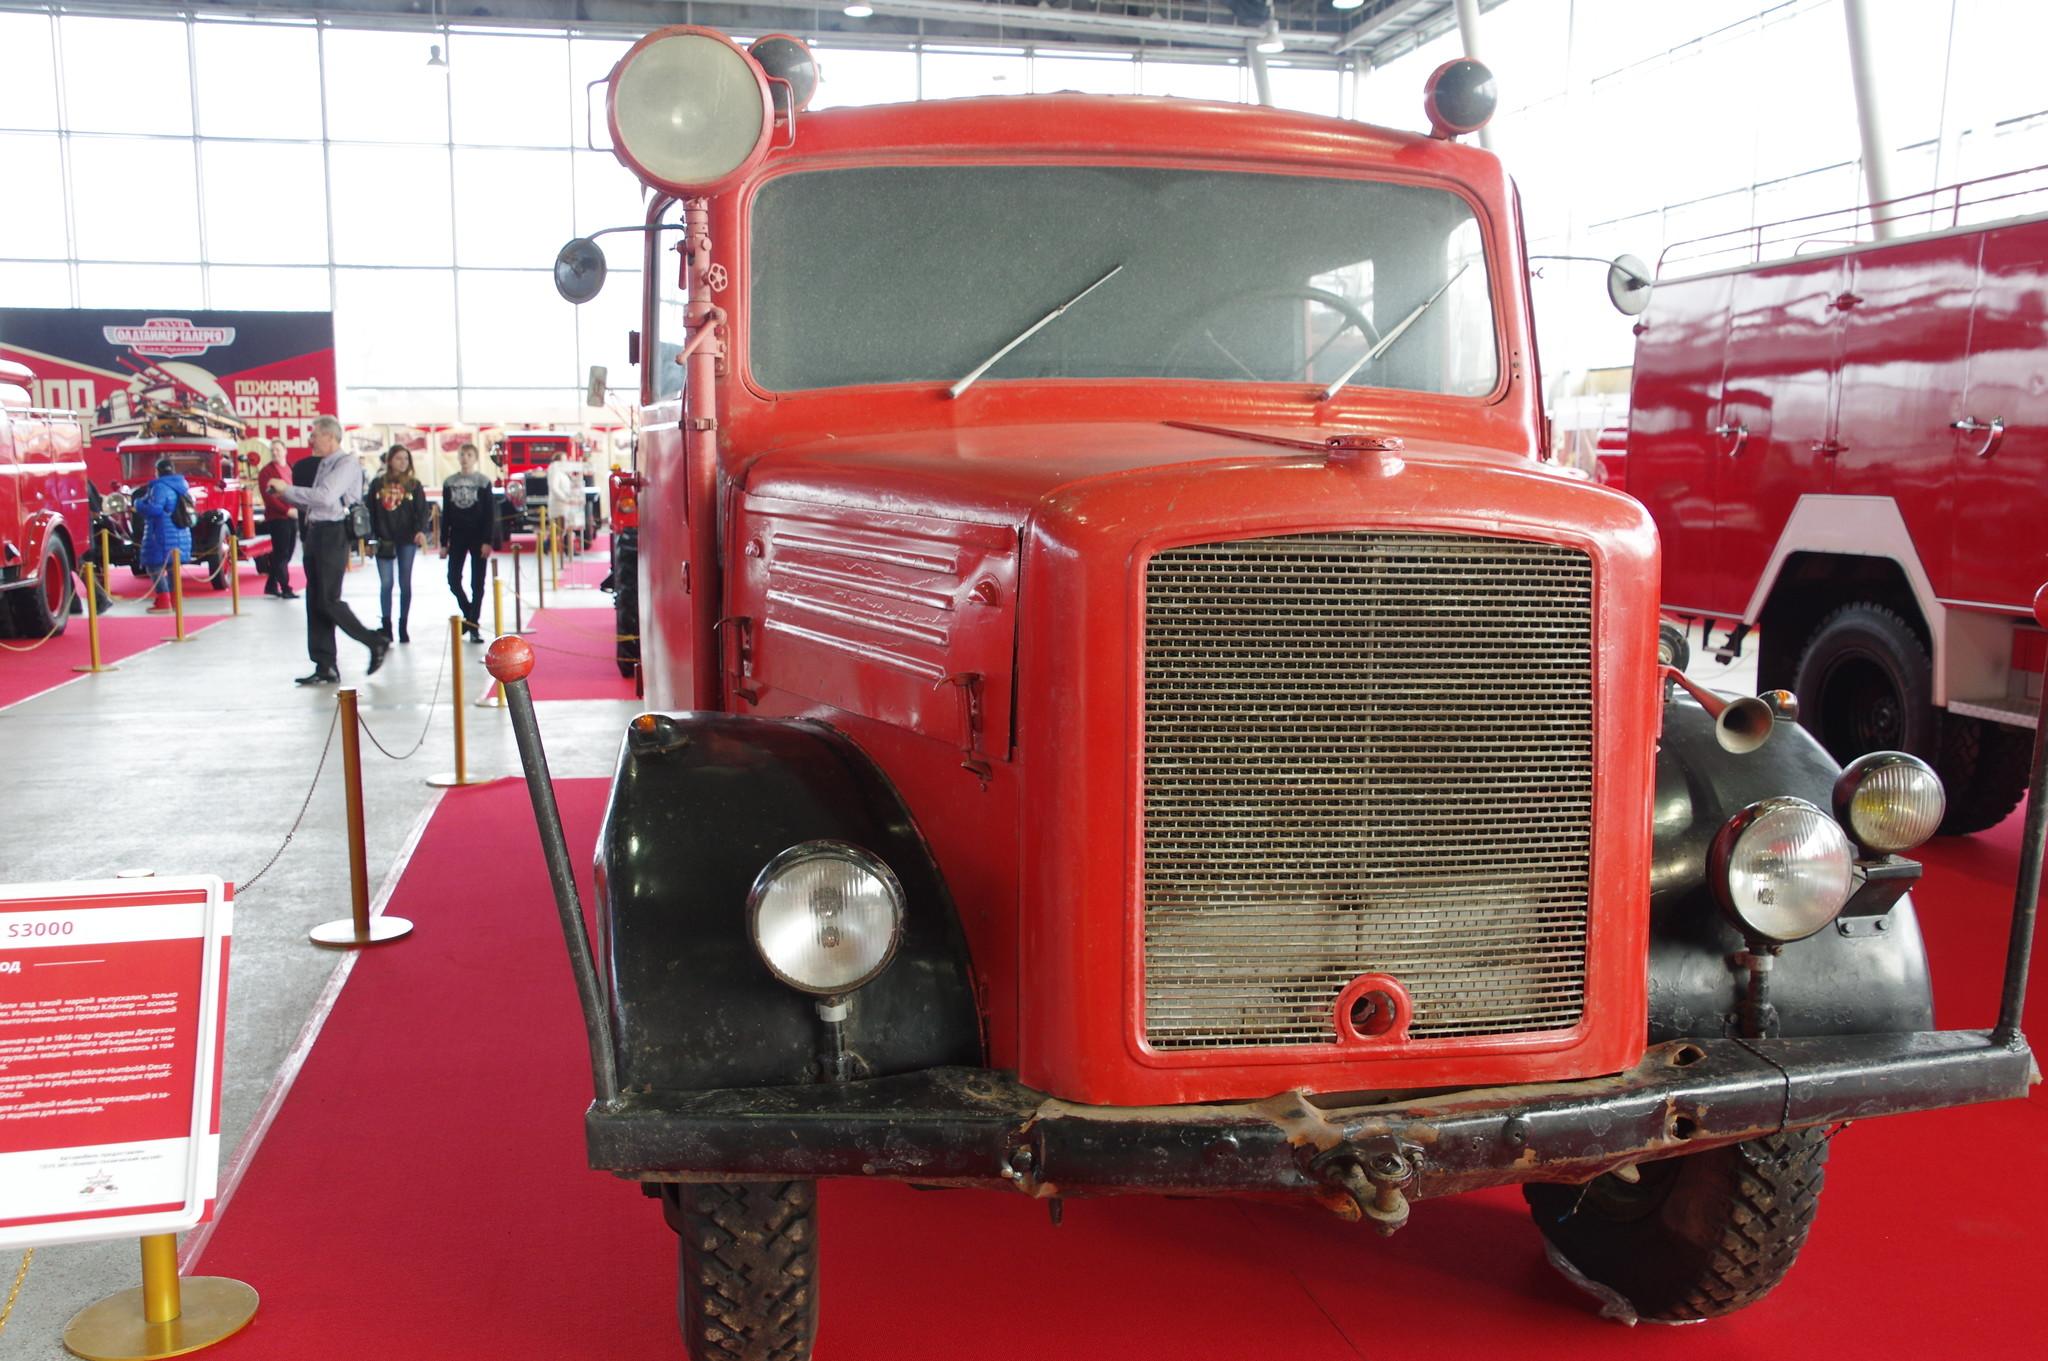 Пожарная машина Klöckner-Deutz S3000 1943 года выпуска